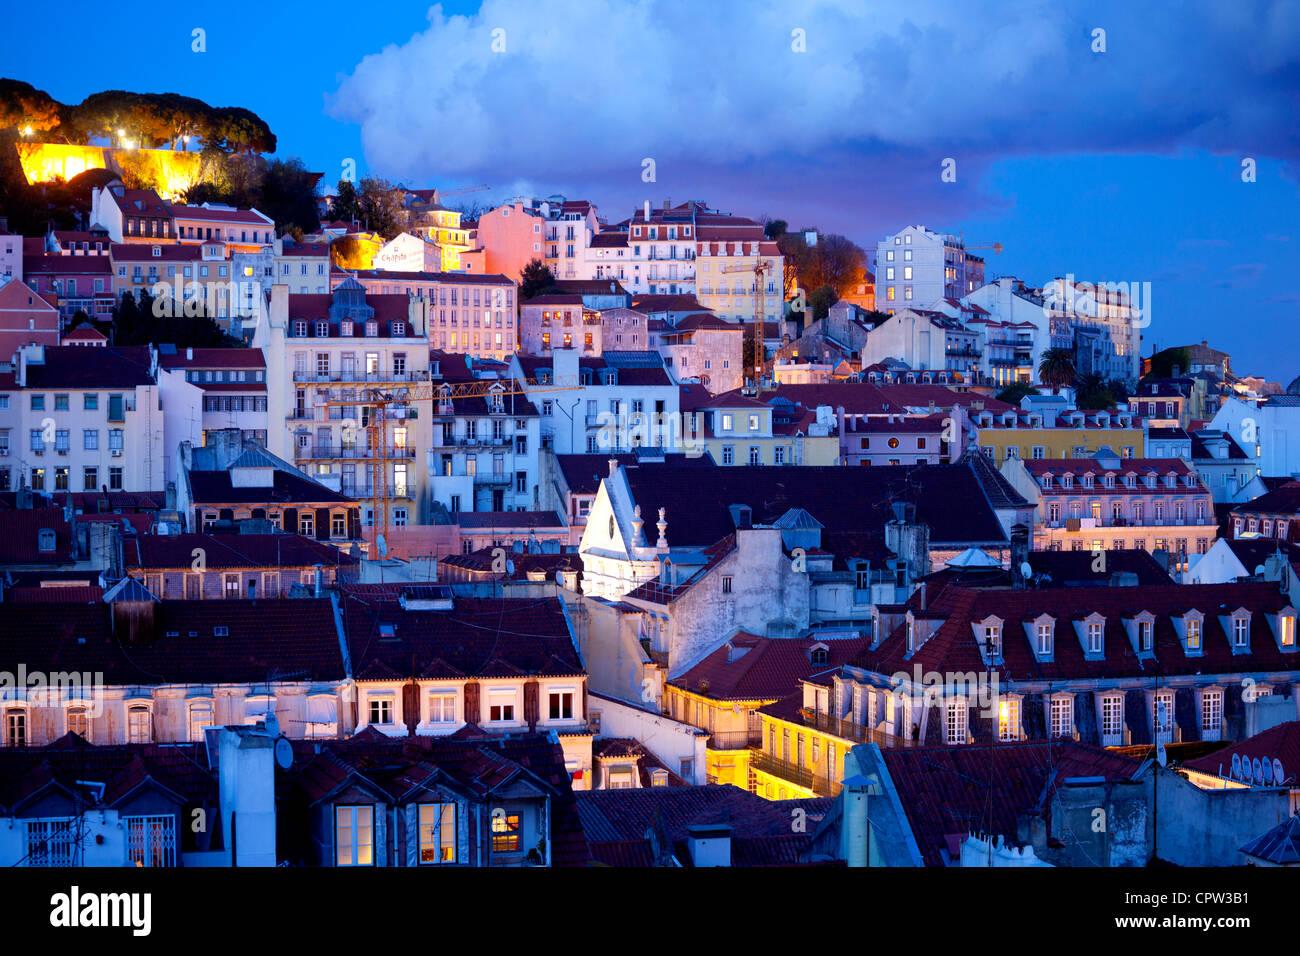 Saint George's Castle et un panorama de Lisbonne, Portugal Banque D'Images